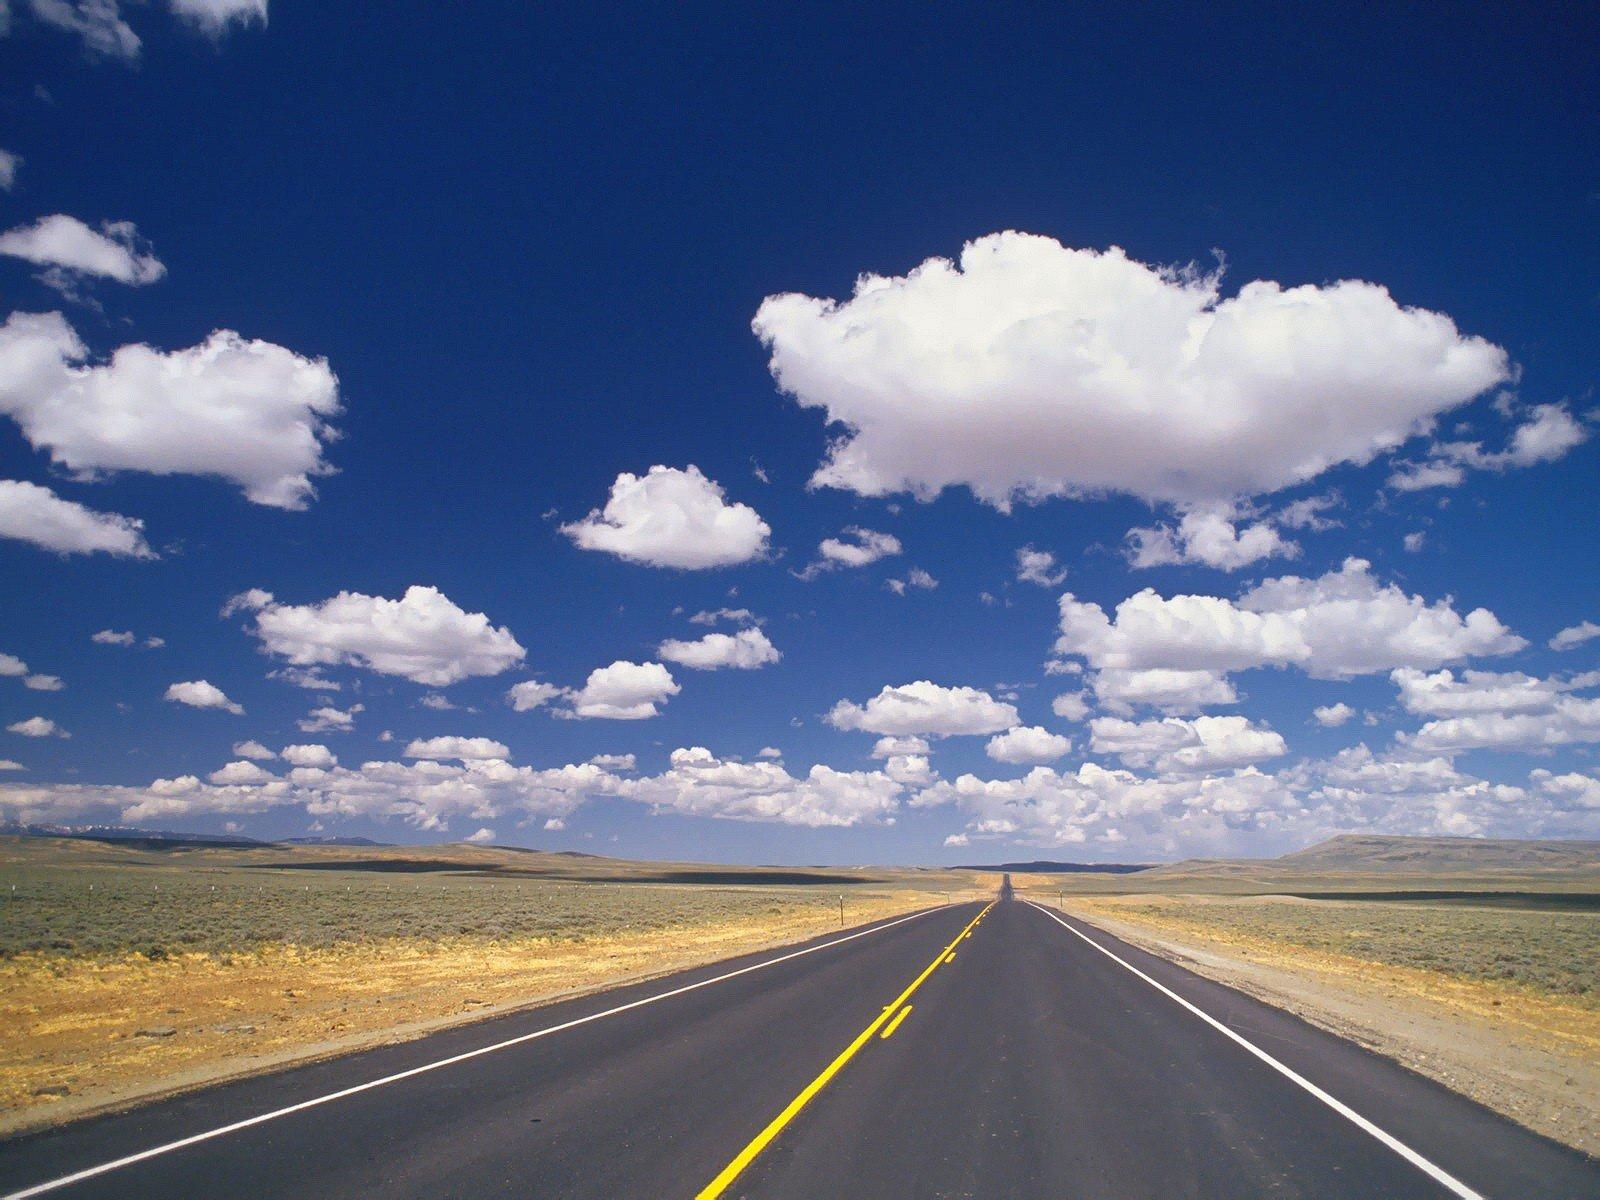 красивые картинки небо и дорогами санатория